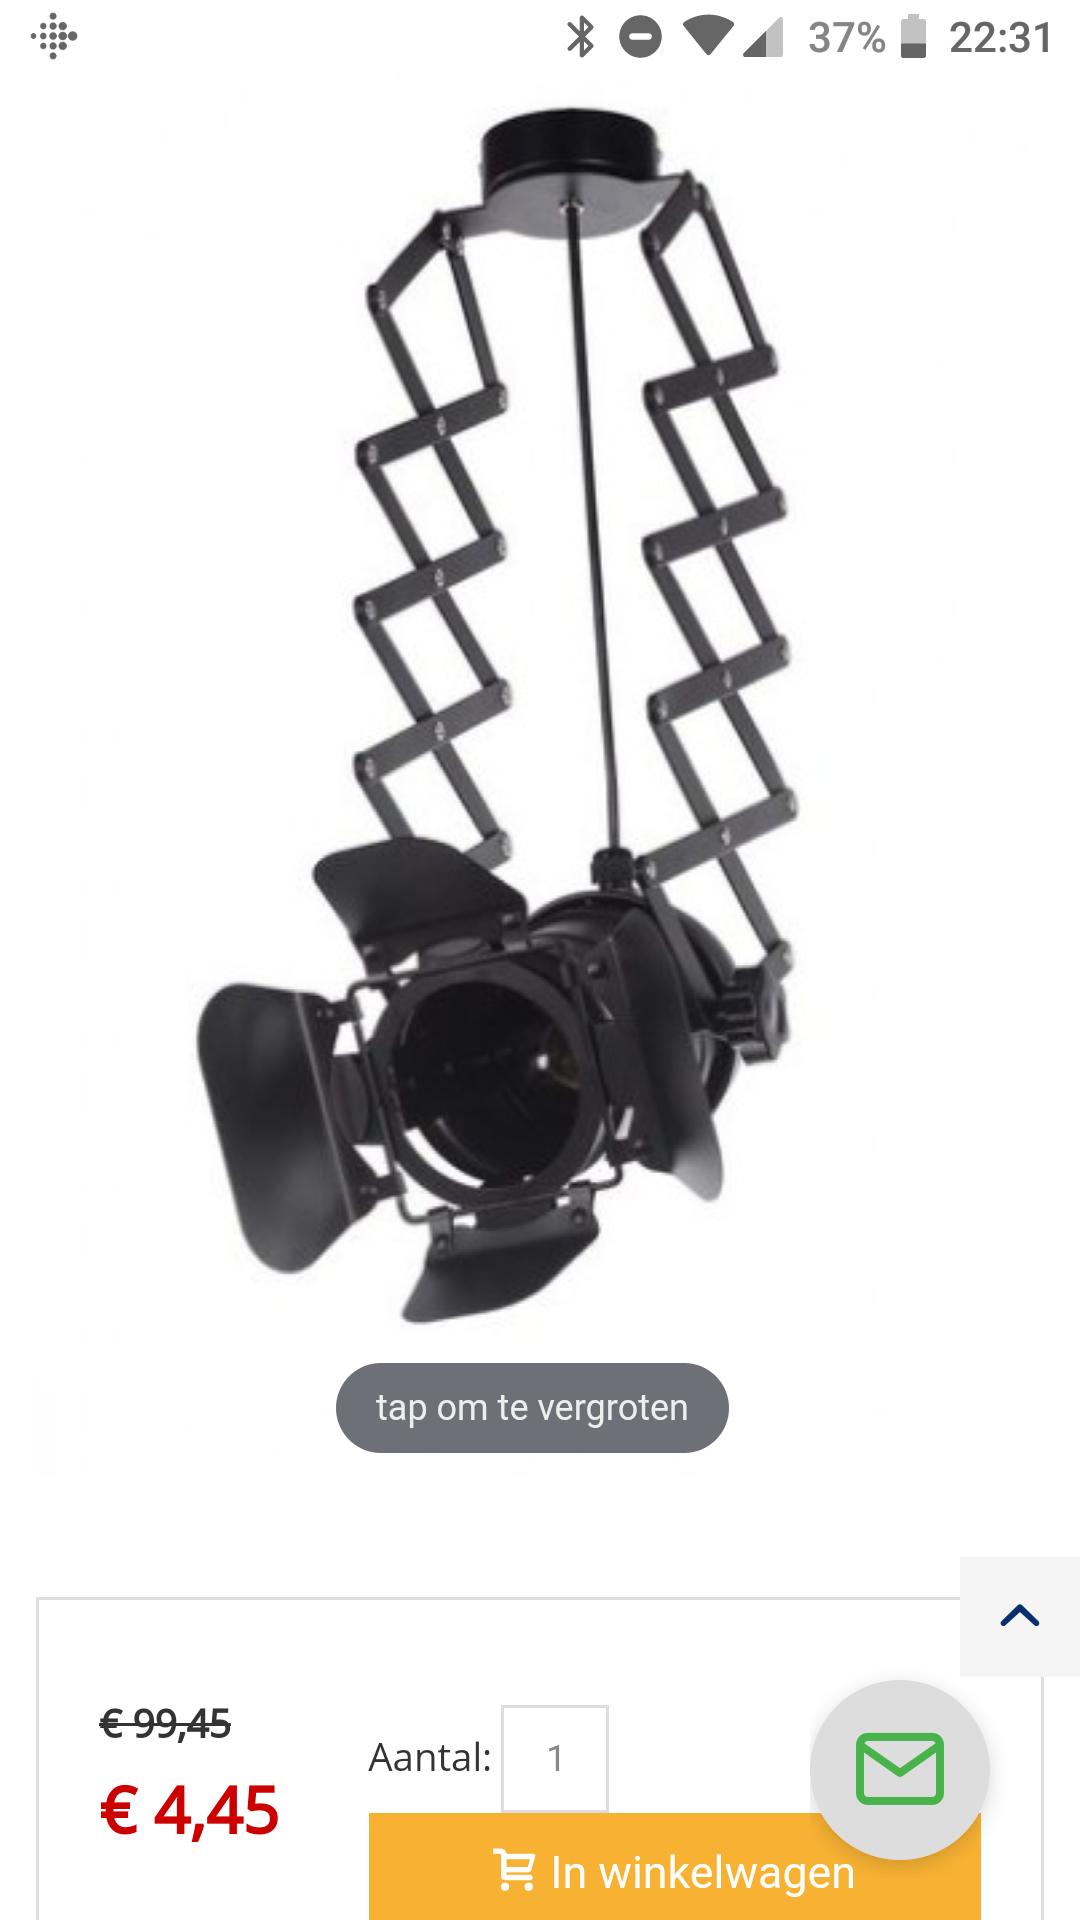 Vintage hanglamp voor €4,45 (prijsfout?) @ Lamp1.nl